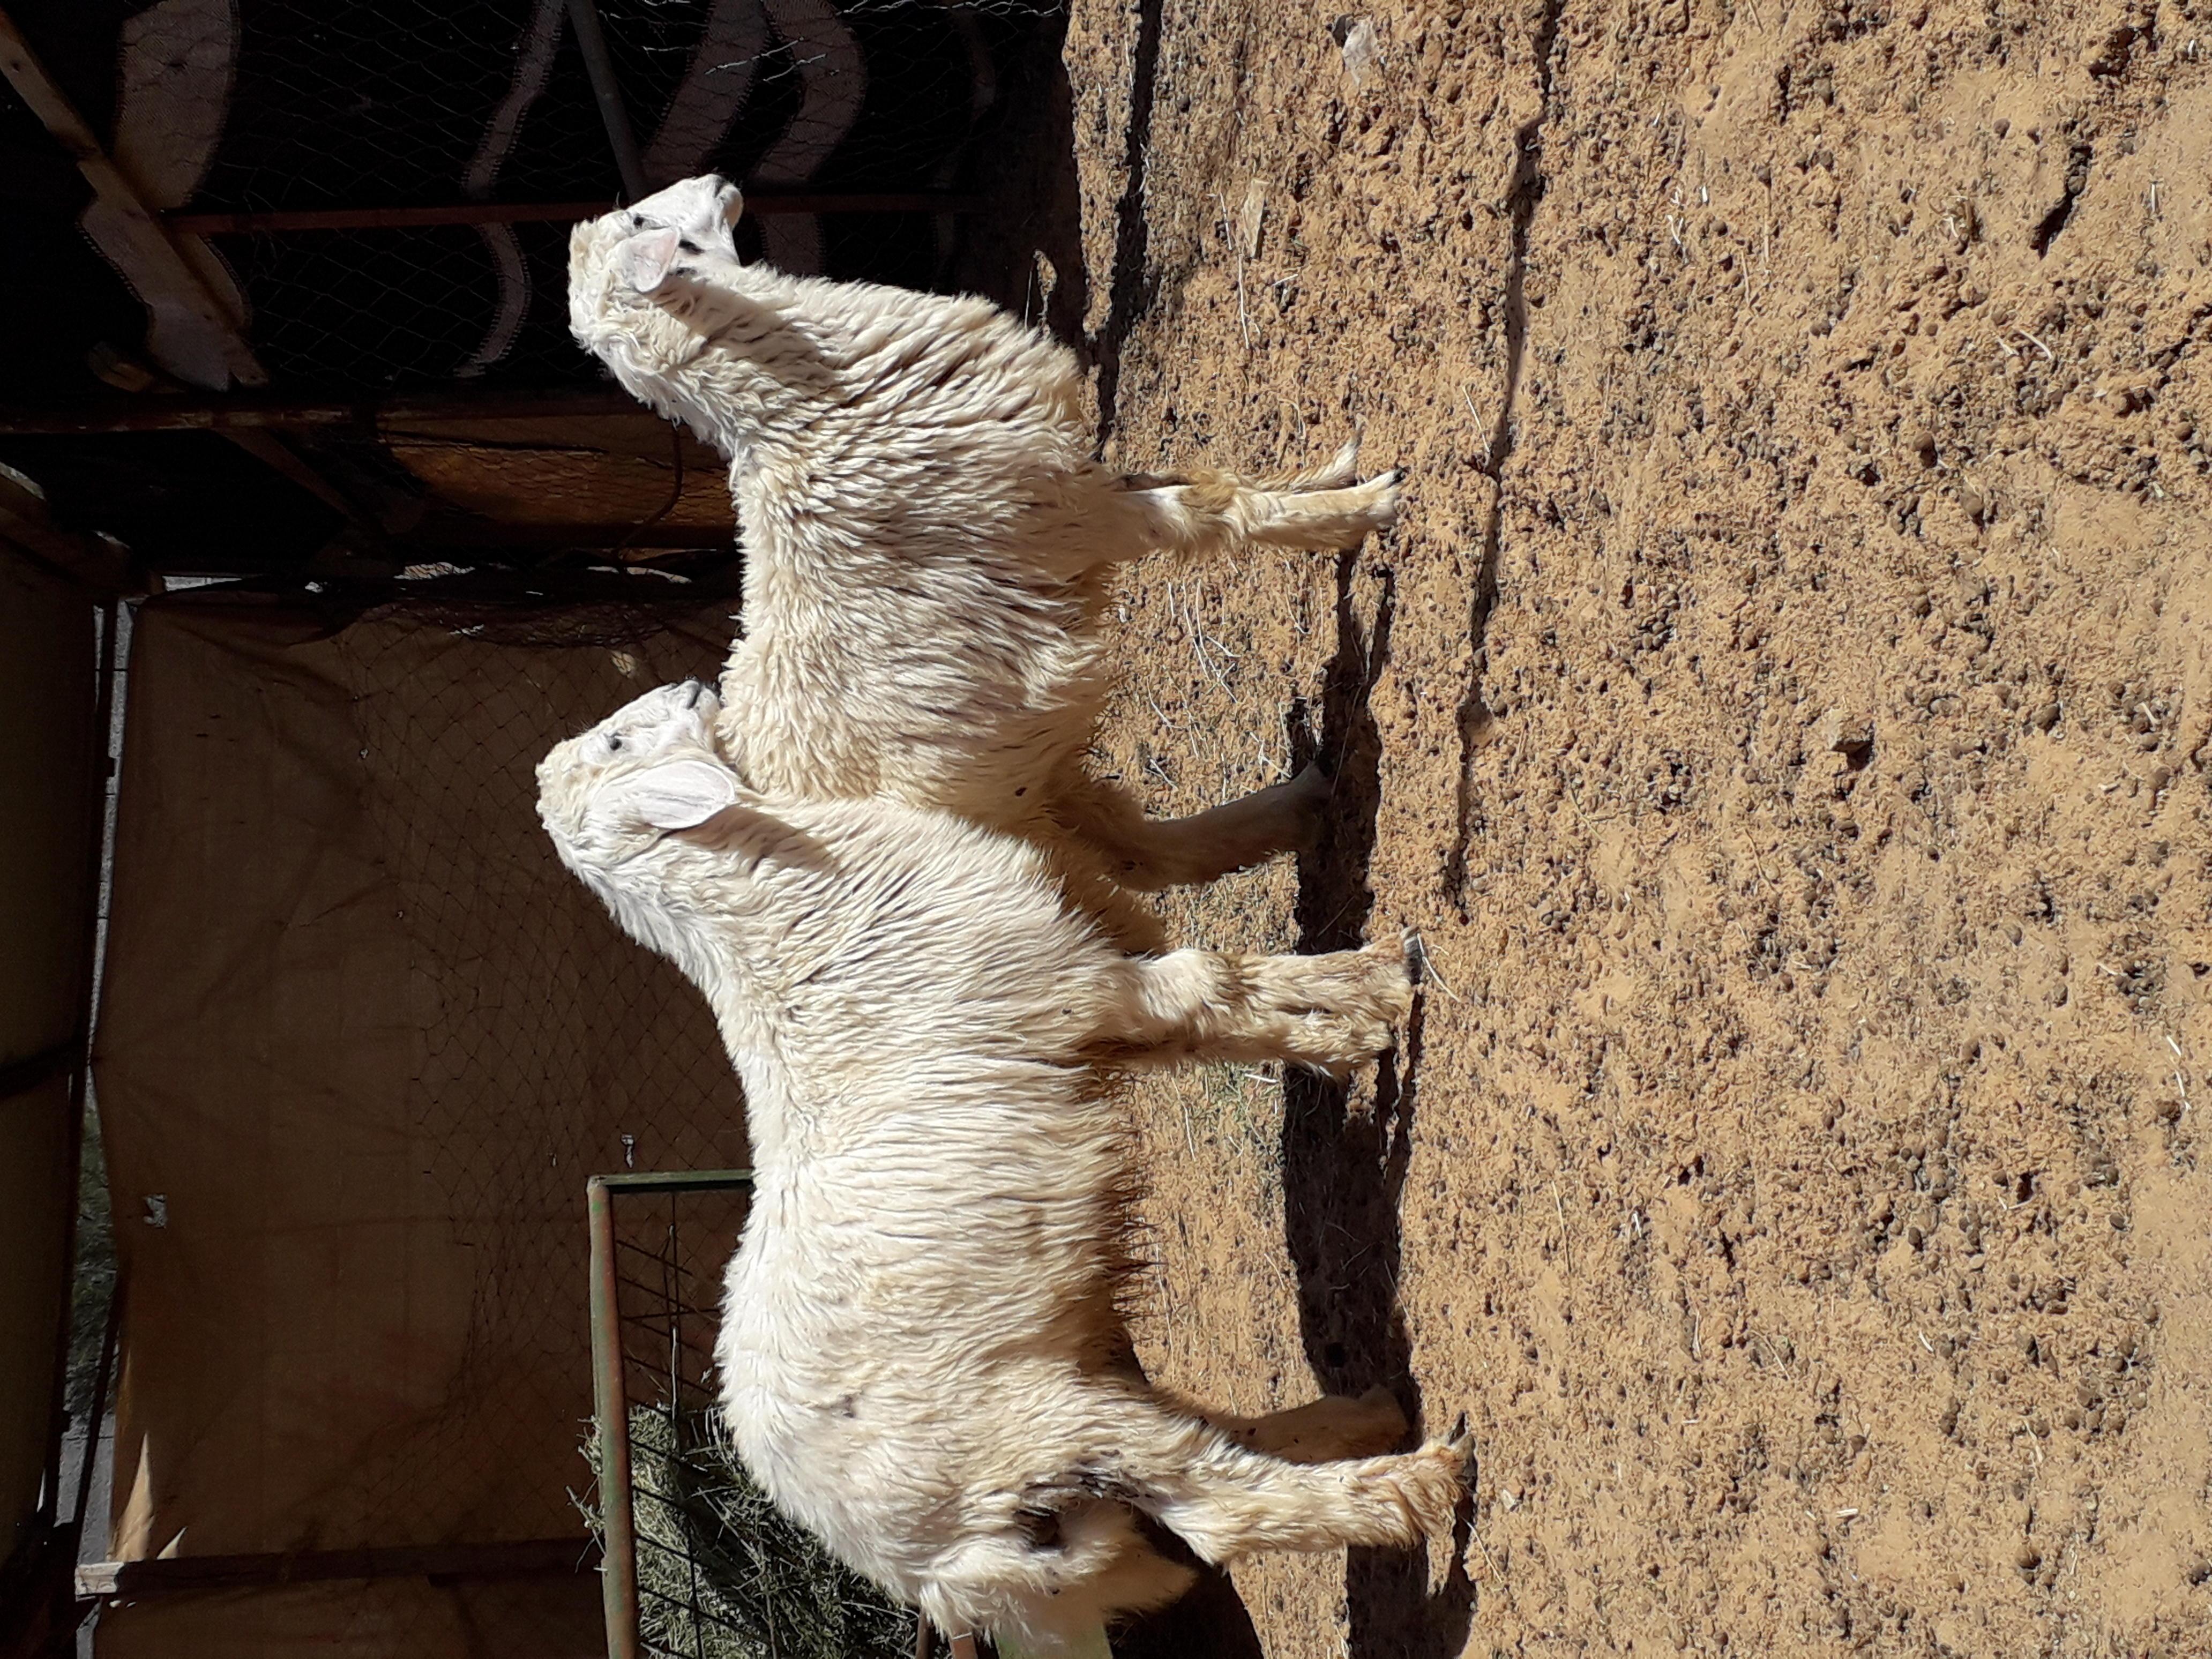 للبيع حريات وتيوس الحريات خروف ورخل ببريدة